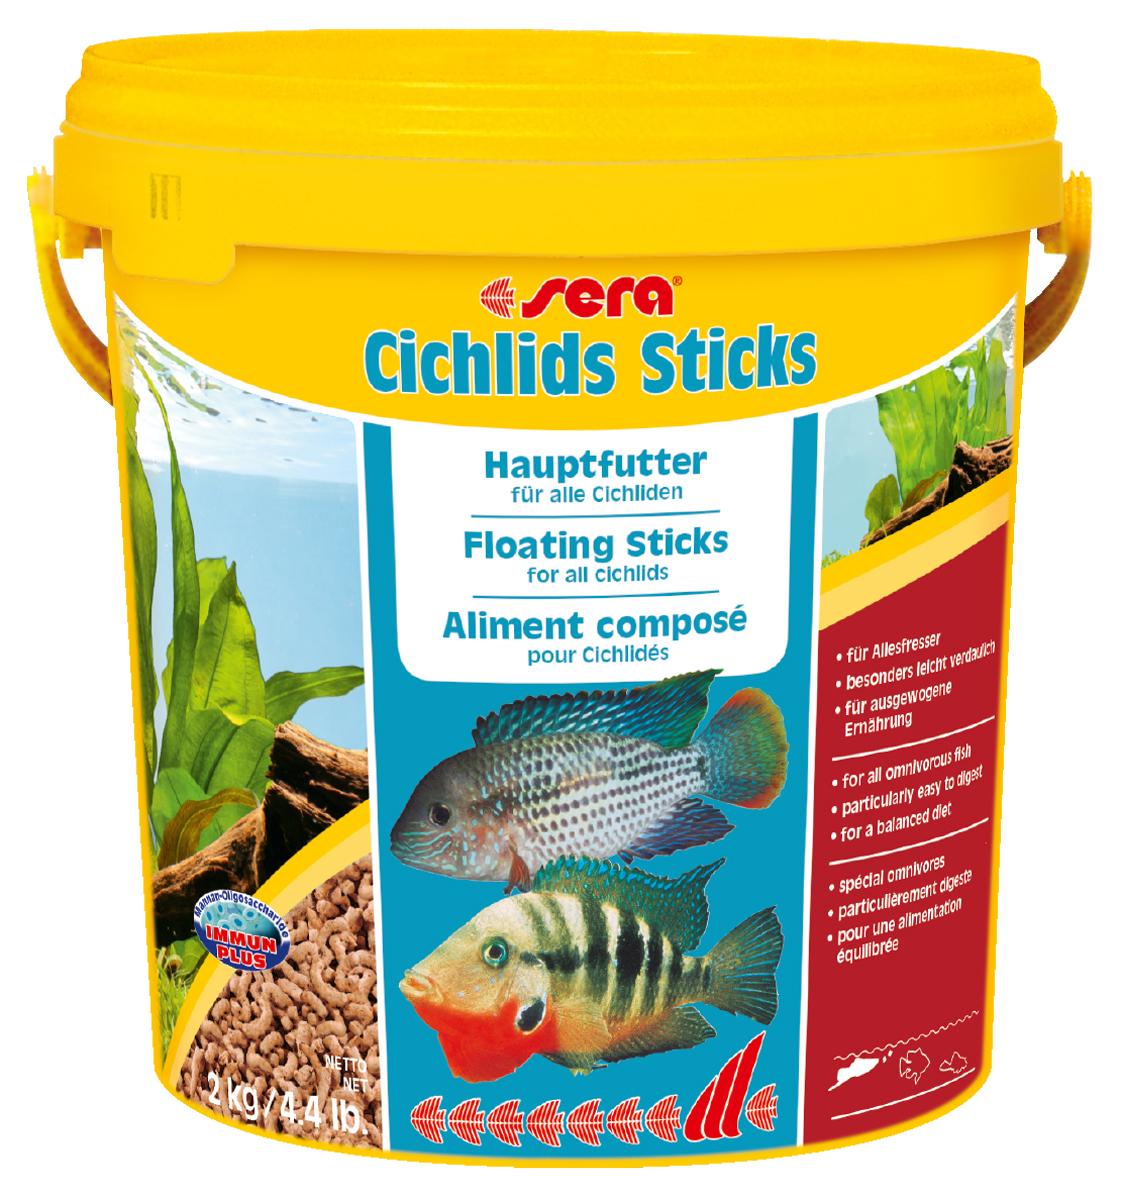 Корм для рыб Sera Cichlids Sticks, 10 л (2 кг)0220Основной корм, состоит из палочек, произведенных путем бережной обработки сырья; предназначен для крупных всеядных цихлид. Благодаря высокому содержанию ценных белков и, входящим в состав зародышам пшеницы, этот сбалансированный корм легко усваивается и особенно привлекателен для рыб. Плавающие палочки сохраняют свою форму в воде, не загрязняя ее. Инструкция по применению: Кормить один-два раза в день, но только в том количестве, которое рыбы могут съесть в течение короткого периода времени. Ингредиенты: рыбная мука, кукурузный крахмал, пшеничная мука, пшеничная клейковина, пшеничные зародыши (5%), пивные дрожжи, рыбий жир (в т.ч. 49% Омега жирных кислот), гаммарус, маннанолиго-сахариды (0,4%), зеленые мидии, водоросль гематококкус, чеснок. Аналитический состав: Протеин 41,9%, Жиры 6,4%, Клетчатка 2,9%, Влажность 4,5%, Зольные вещества 4,8%. Содержание добавок: Витамины и провитамины: Вит. А 30.000 ME/ кг, Вит. D3 1.500 МЕ/кг, Вит. Е (D, L-a-tocopheryl acetate) 60 мг/кг, Вит. В1 30...